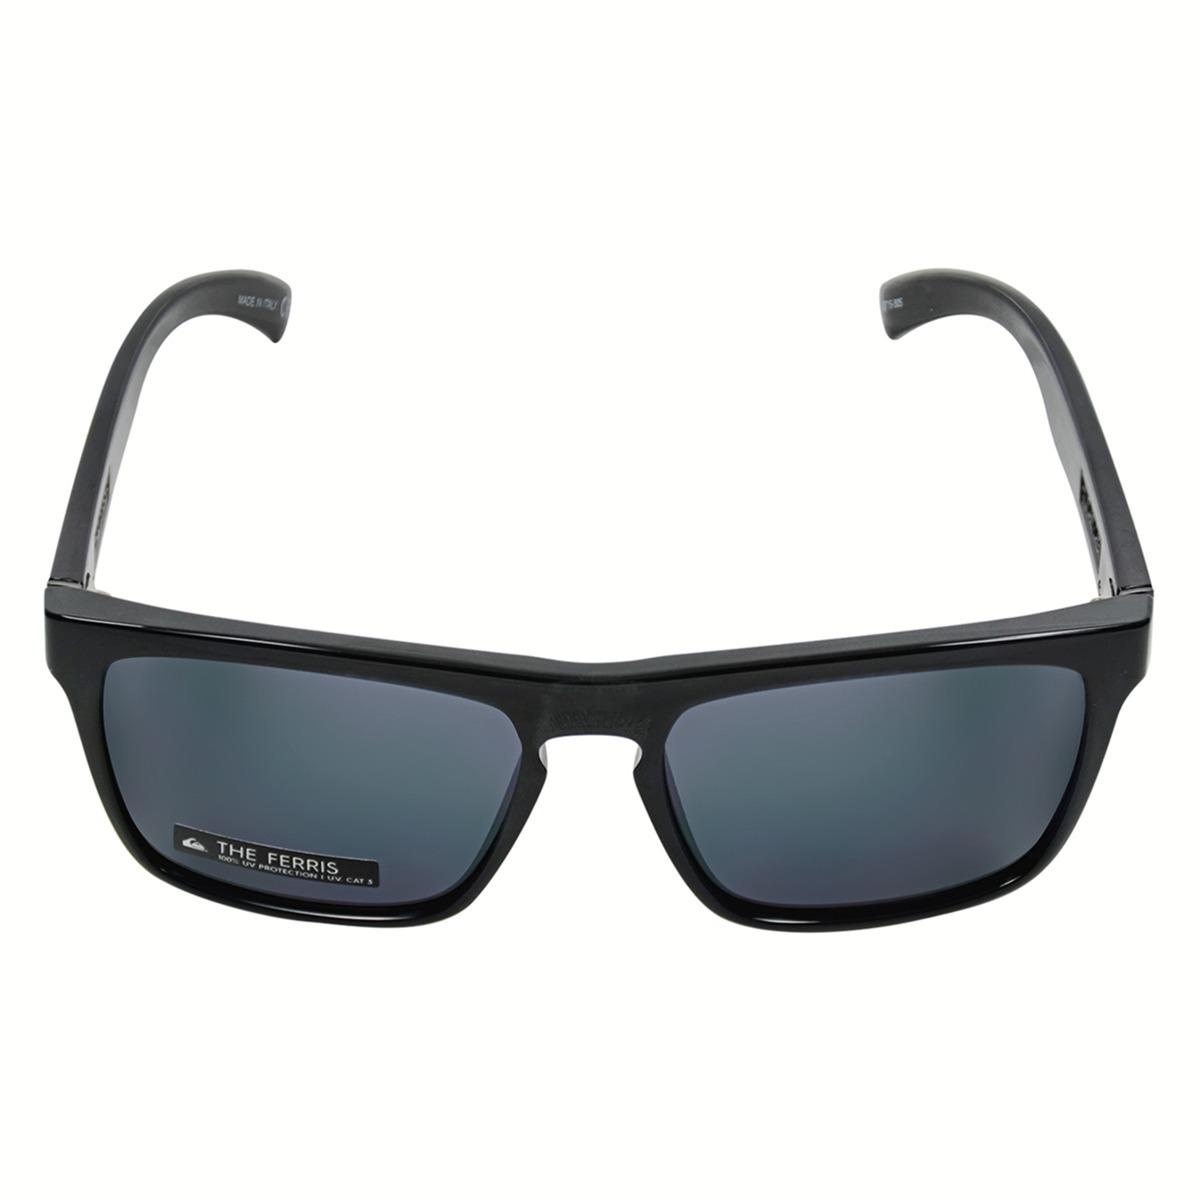 8f87784ab190b Óculos Quiksilver The Ferris Shinny Preto - R  490,00 em Mercado Livre